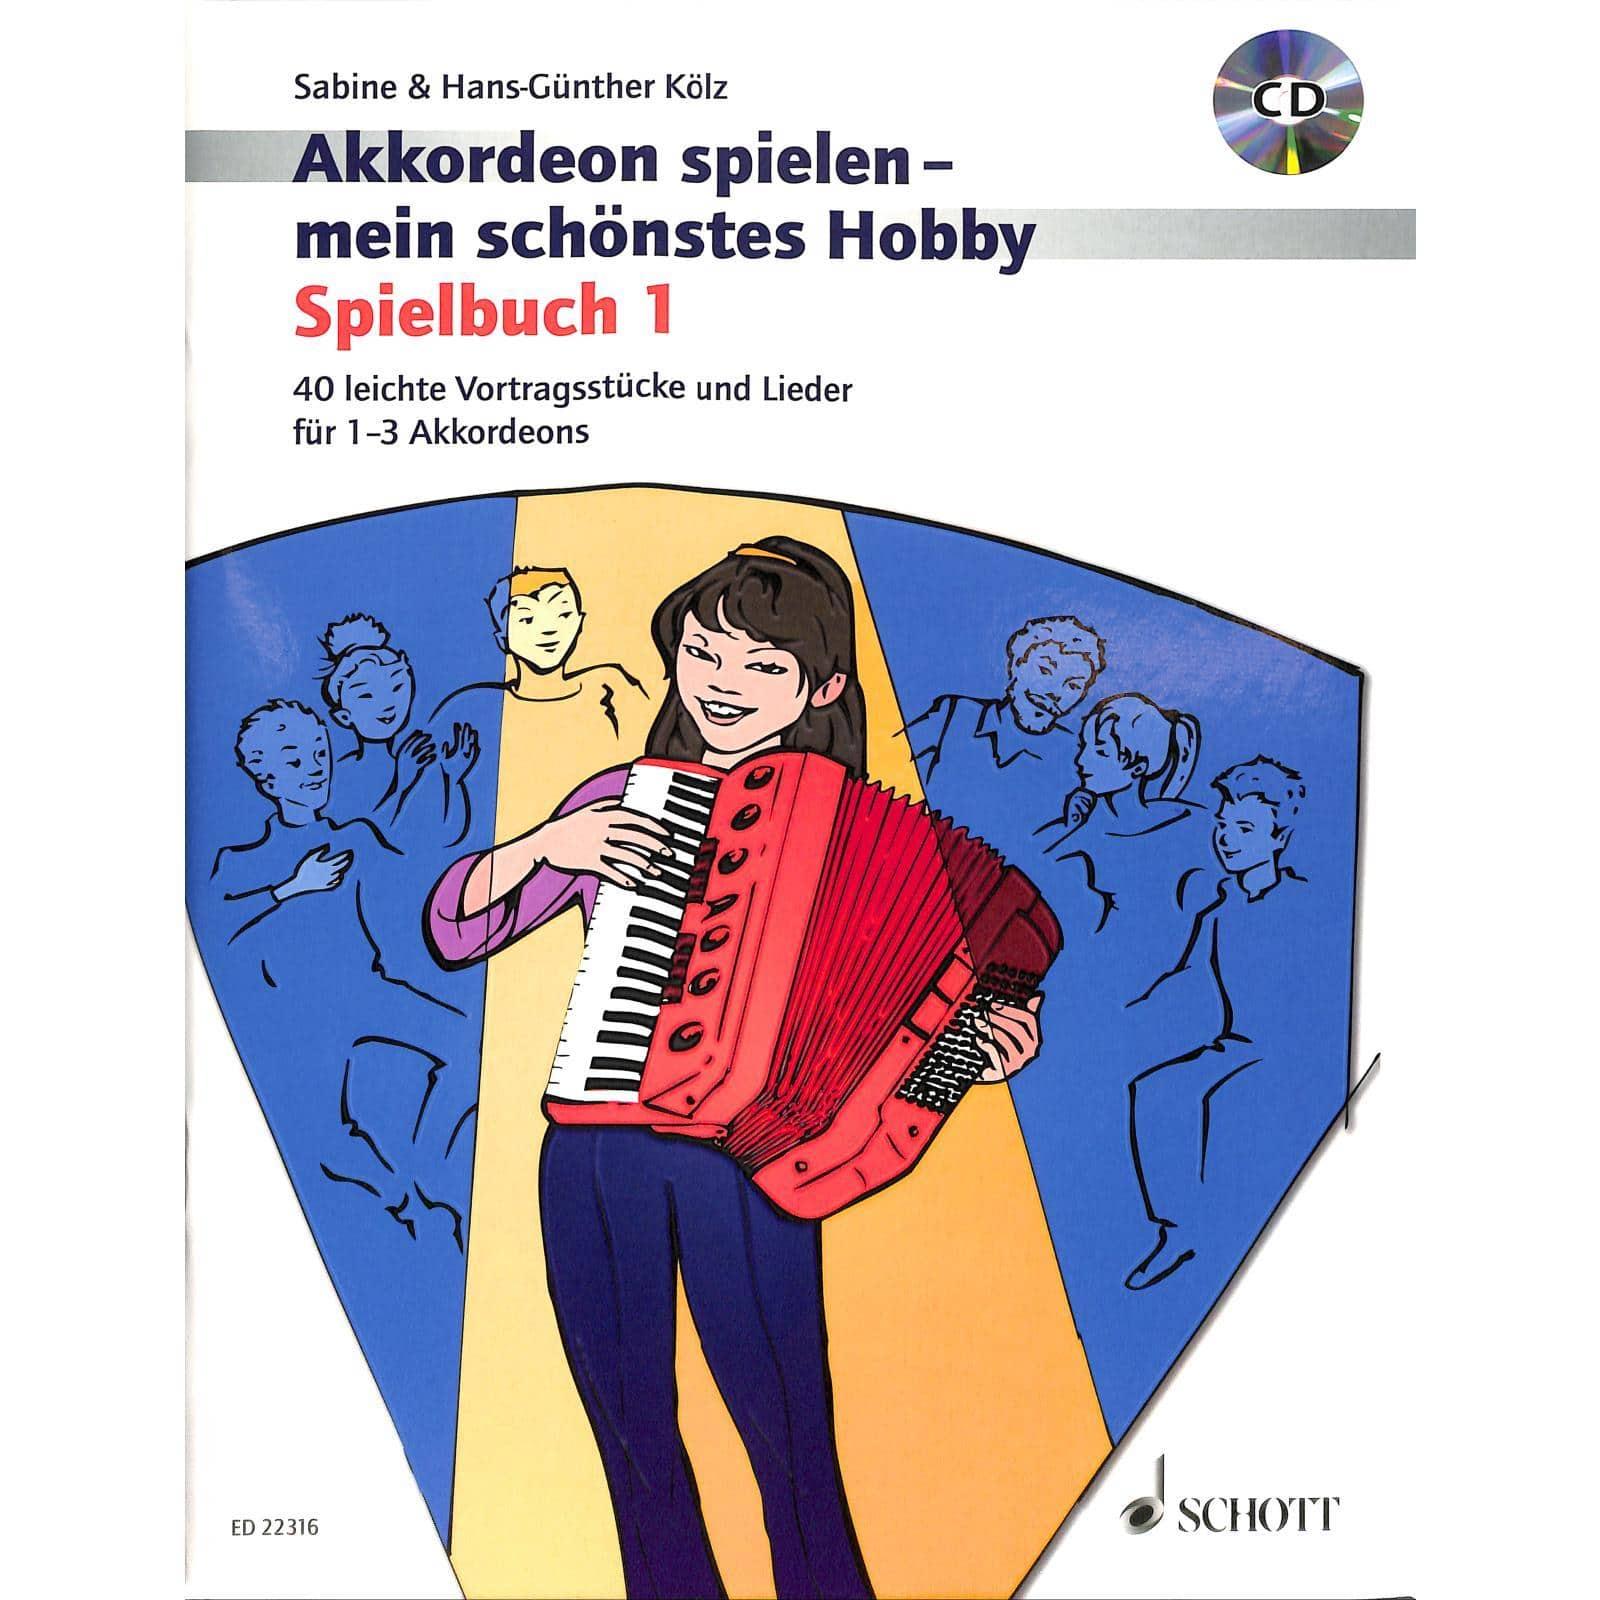 Akkordeonlernen - Akkordeon spielen mein schönstes Hobby Spielbuch 1 - Onlineshop Musikhaus Kirstein